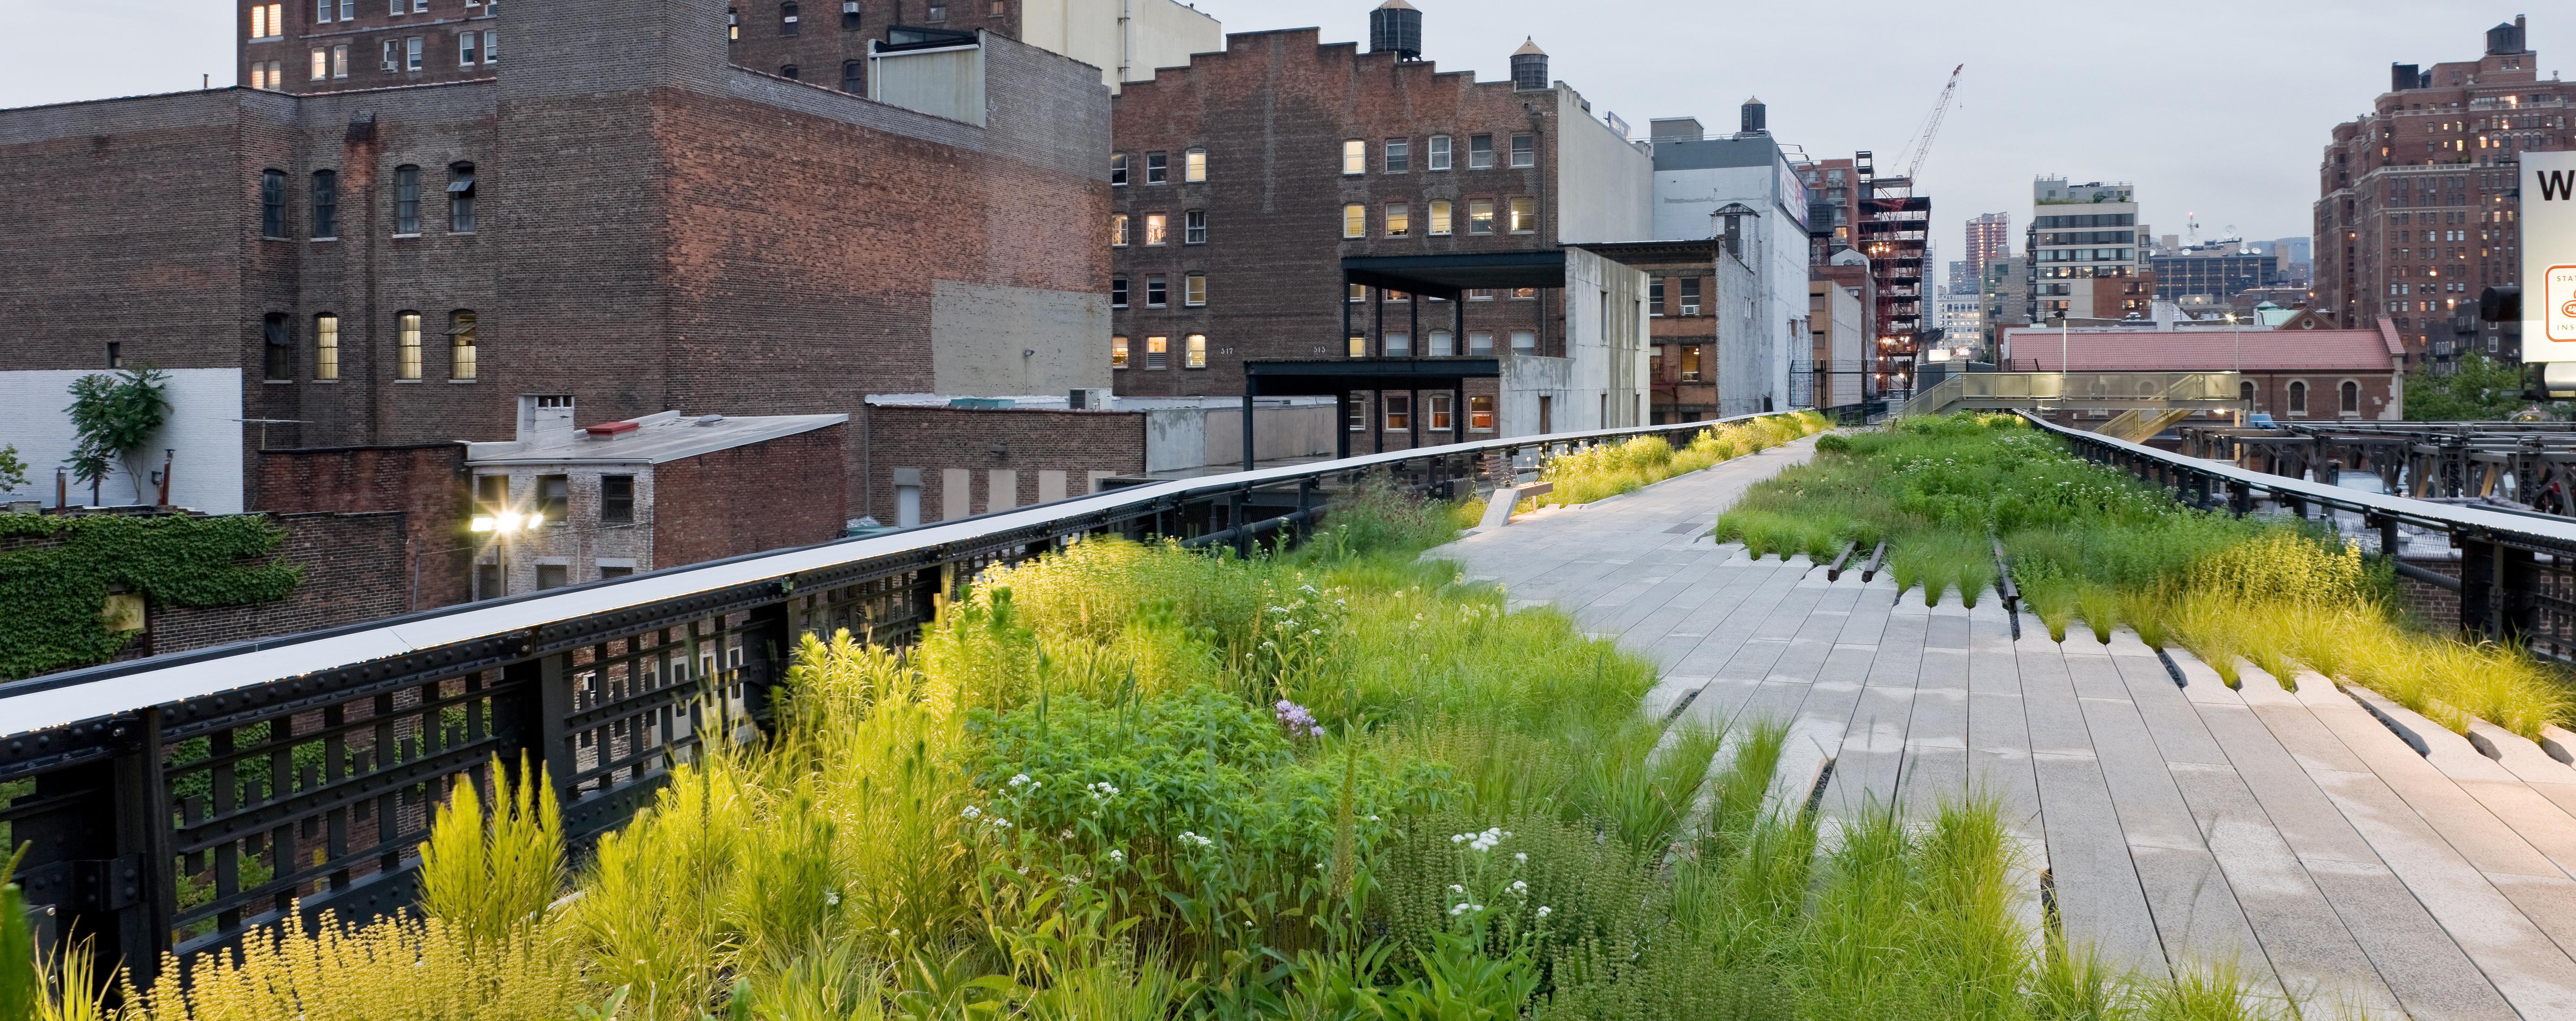 Contemporary Landscape Architecture